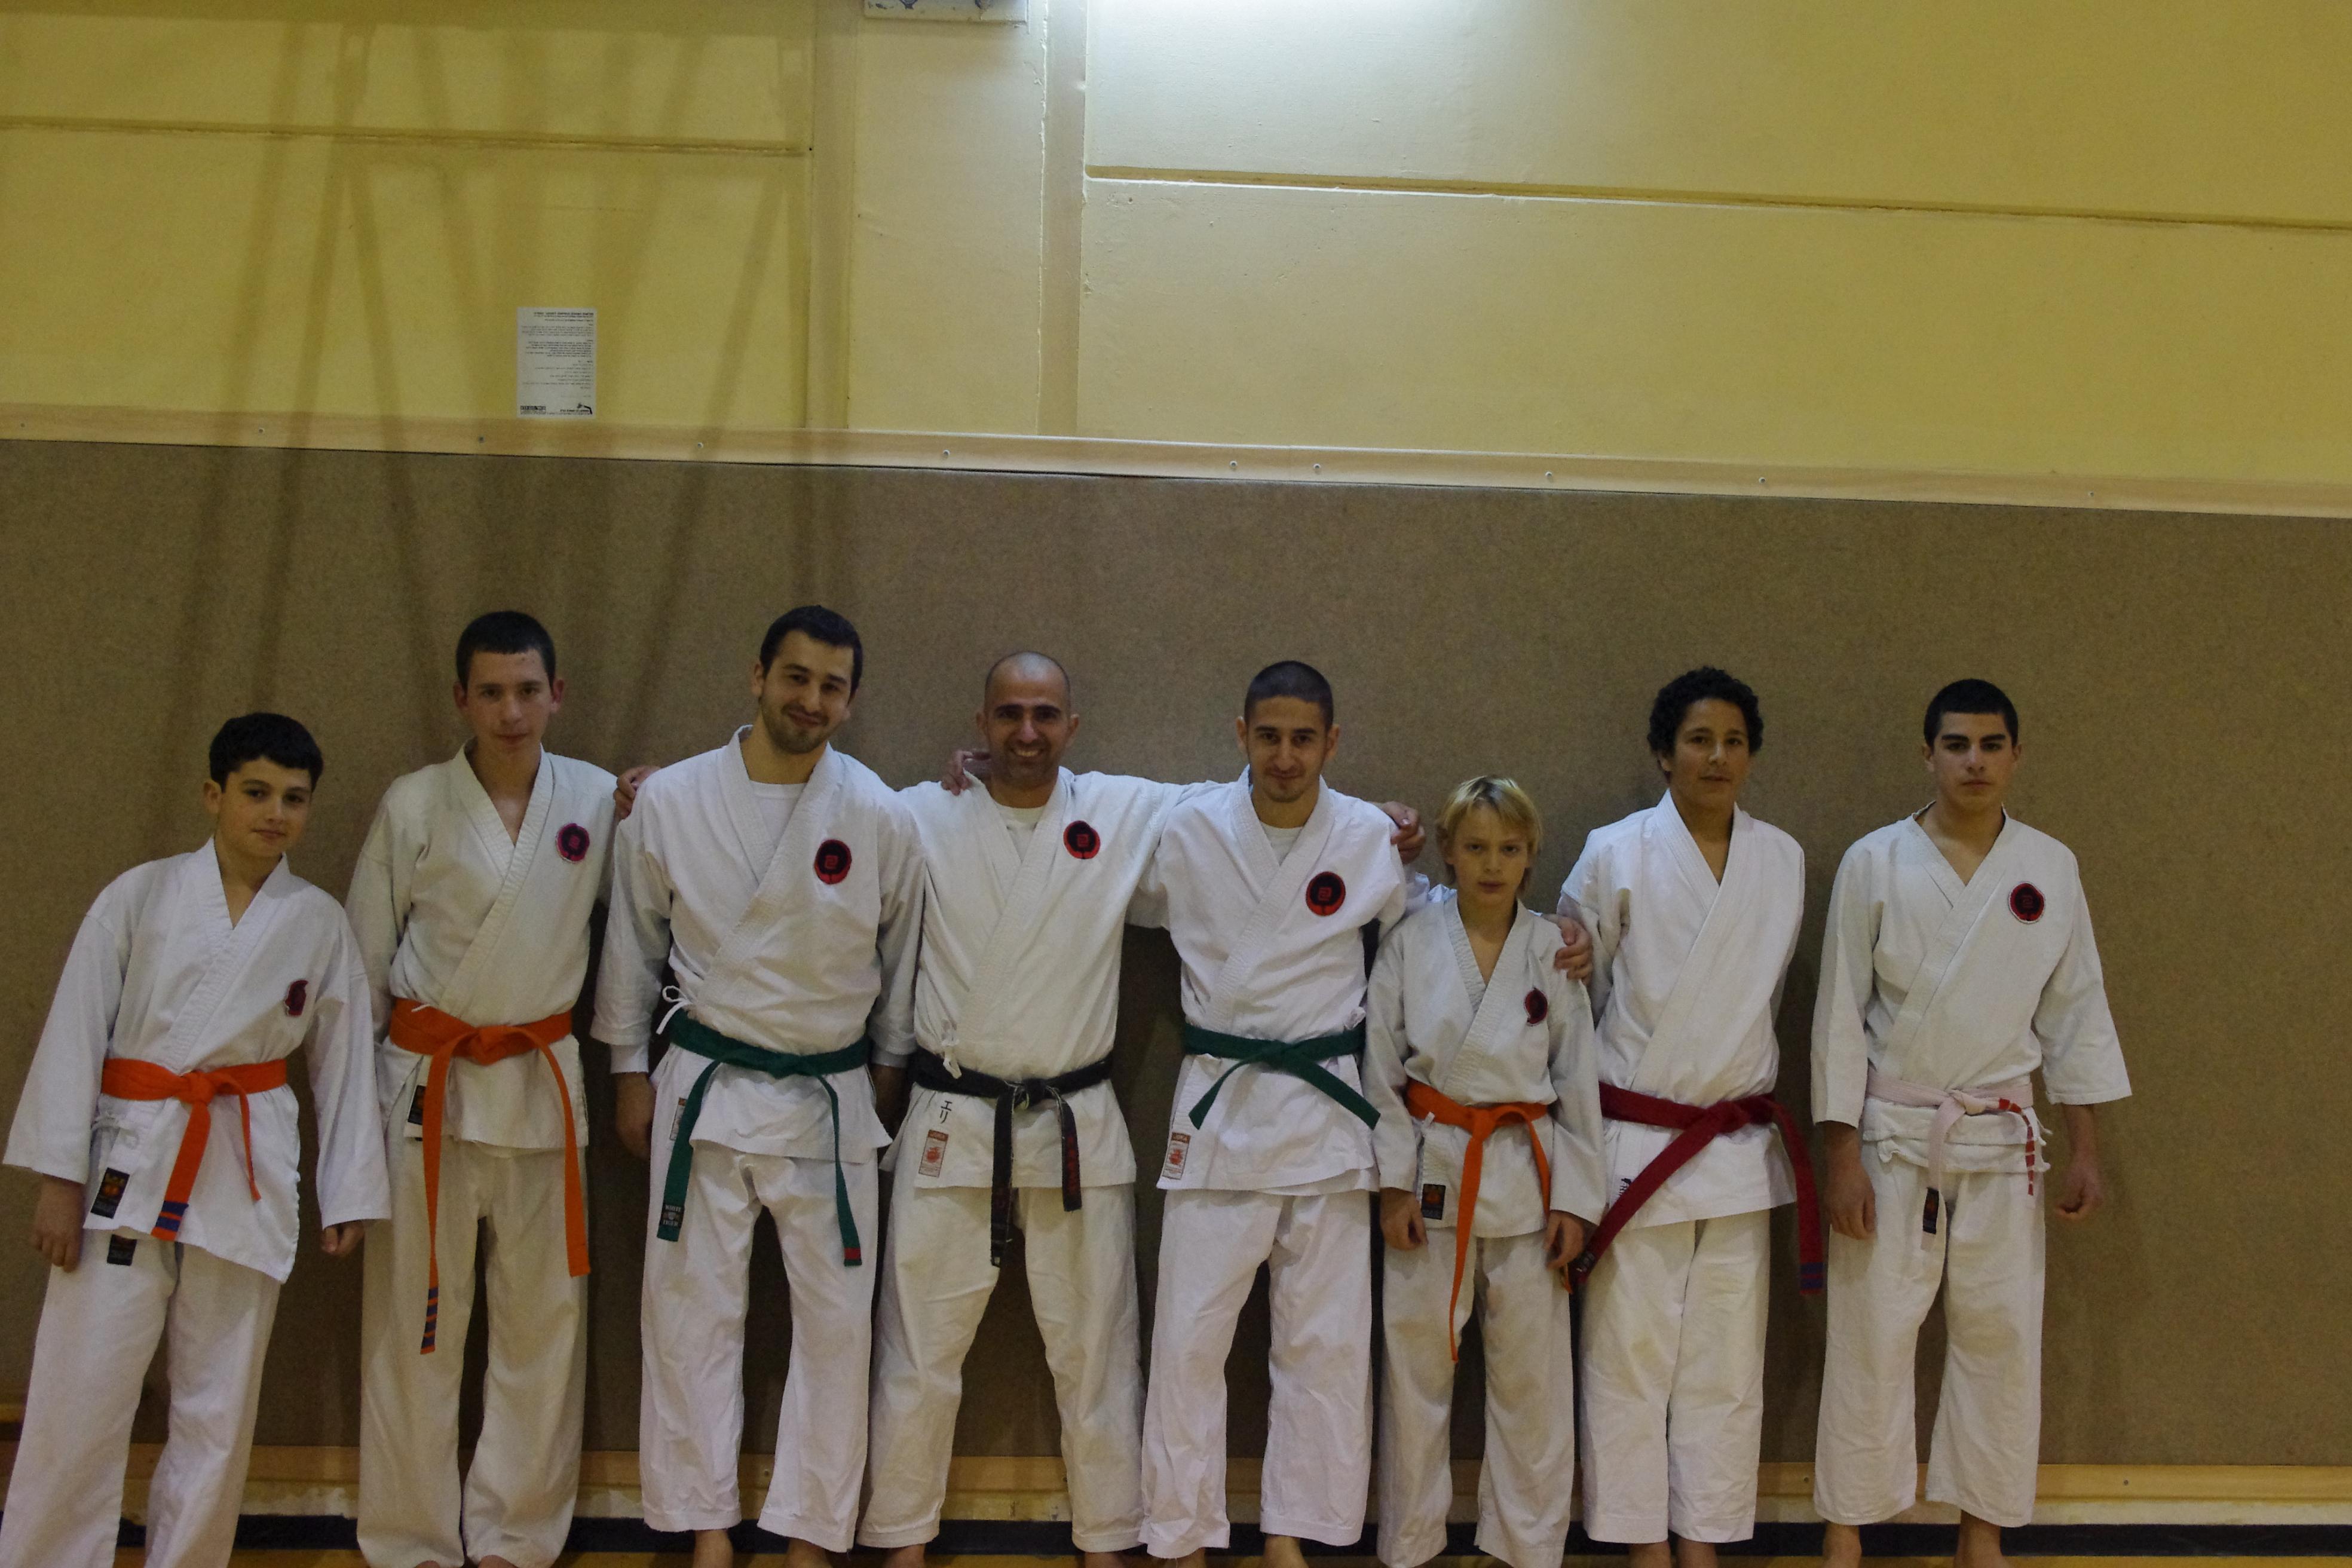 הקבוצה שלנו לאחר אימון